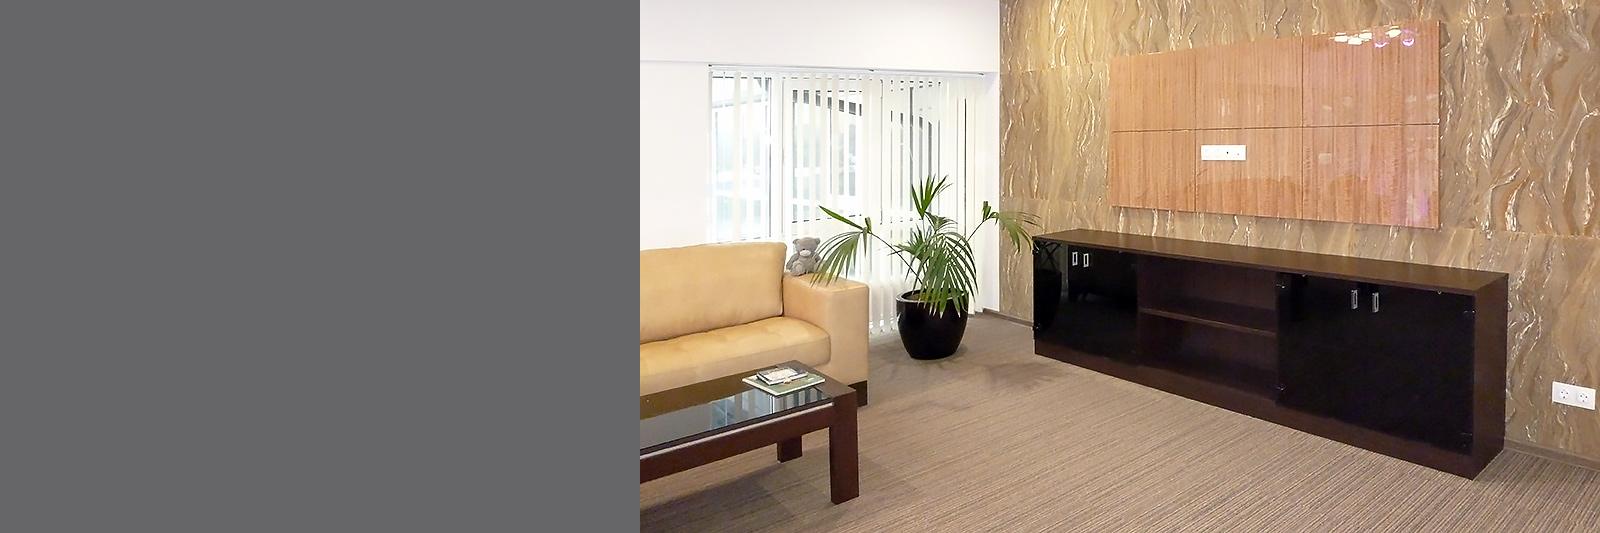 Декоративные стеновые панели на заказ под ТВ